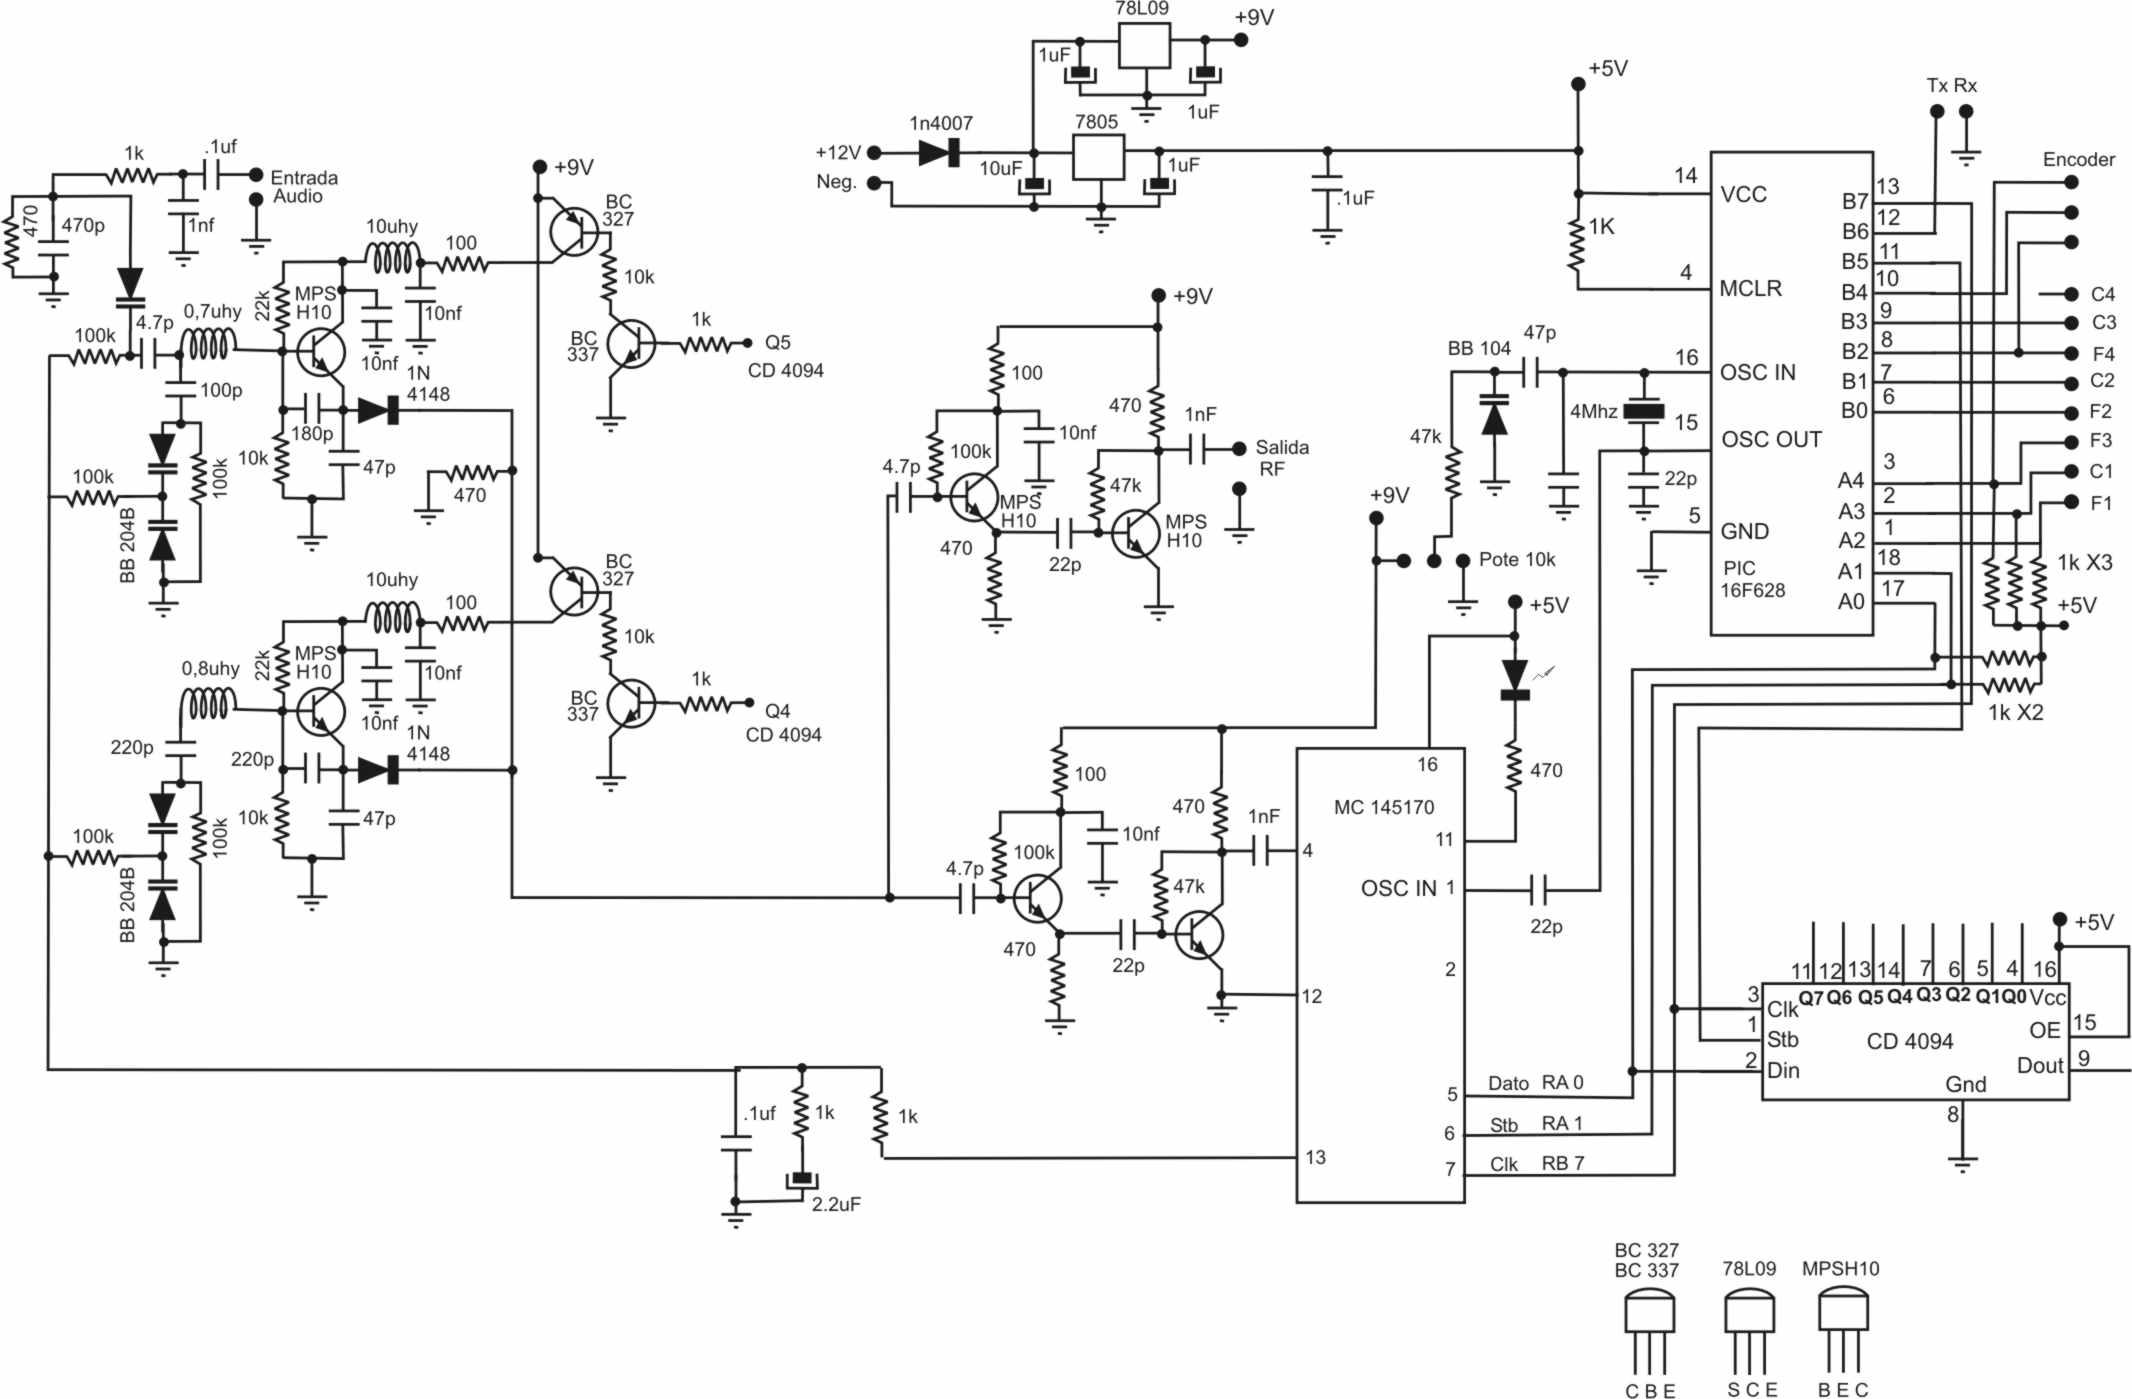 Circuito Oscilador : Oscilador controlado por pll